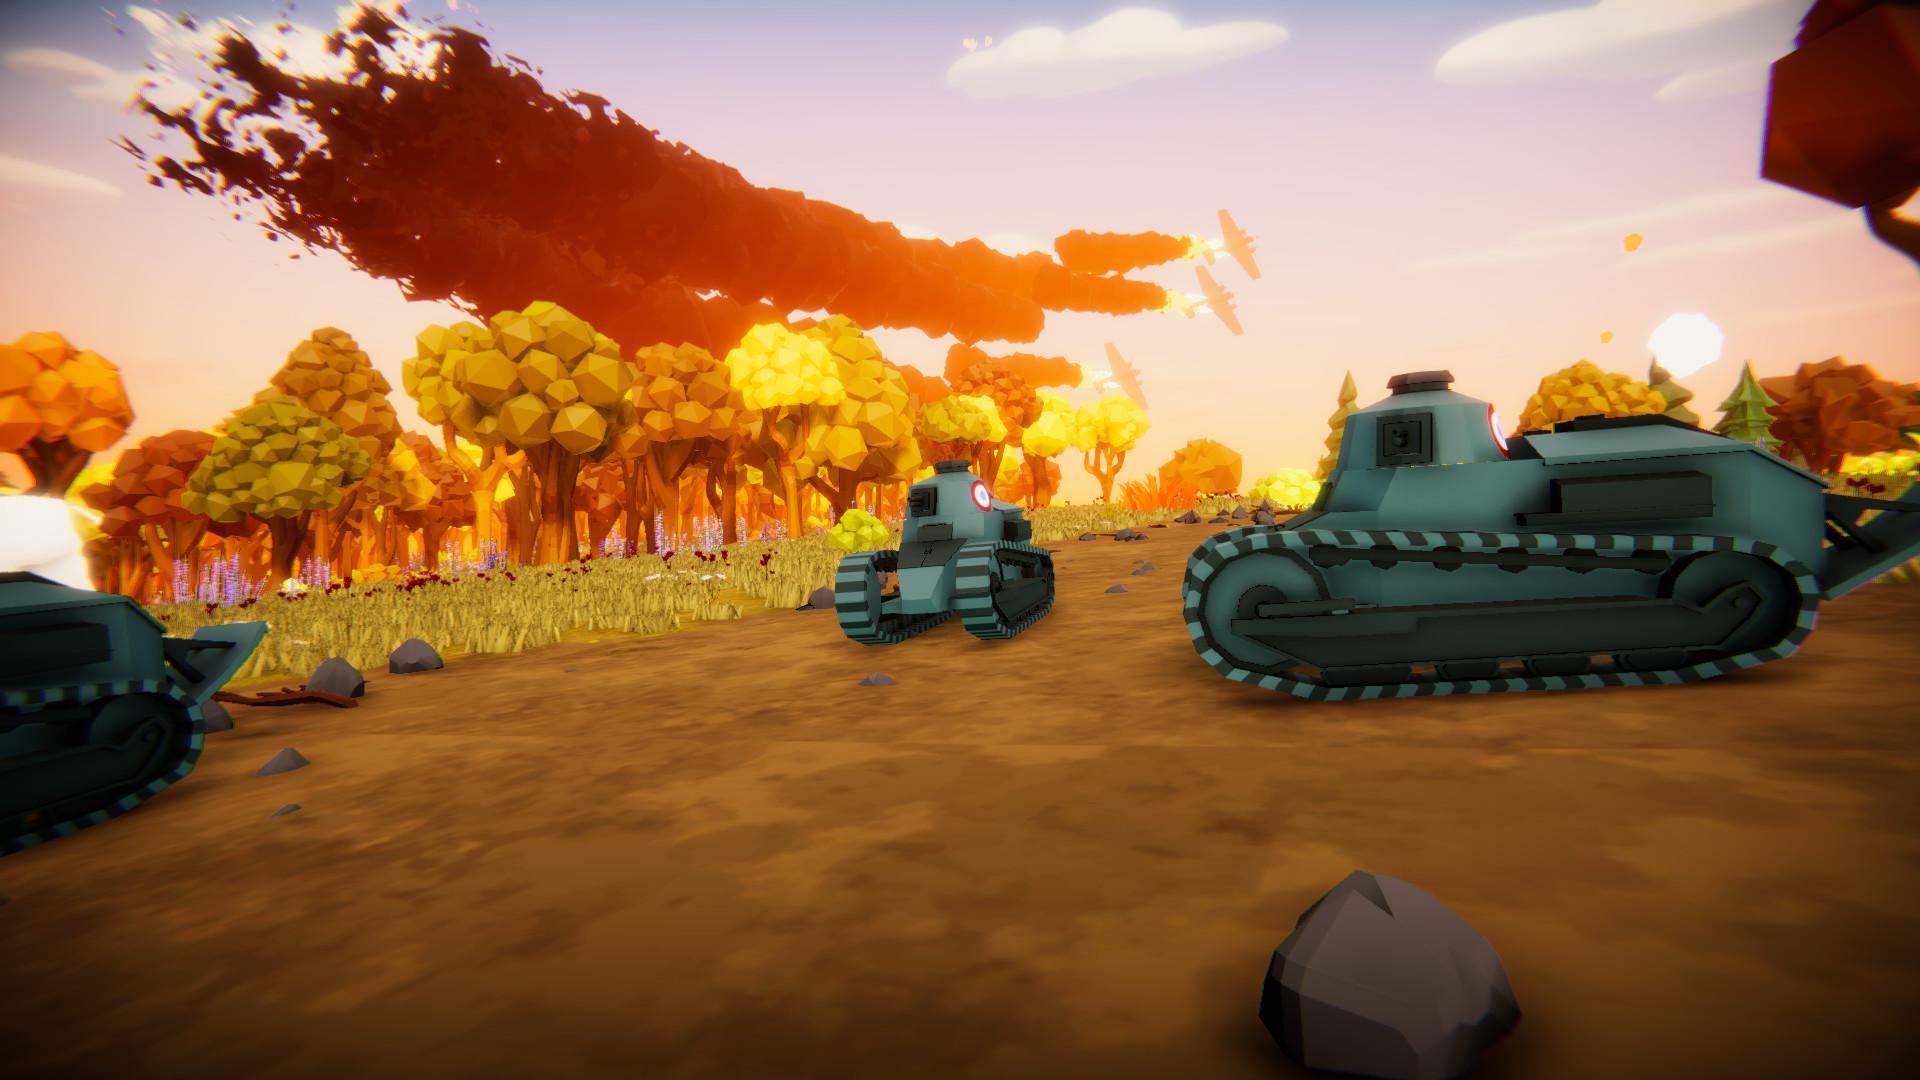 好玩搞笑!《全面坦克模拟器》预告 2020年登陆PC